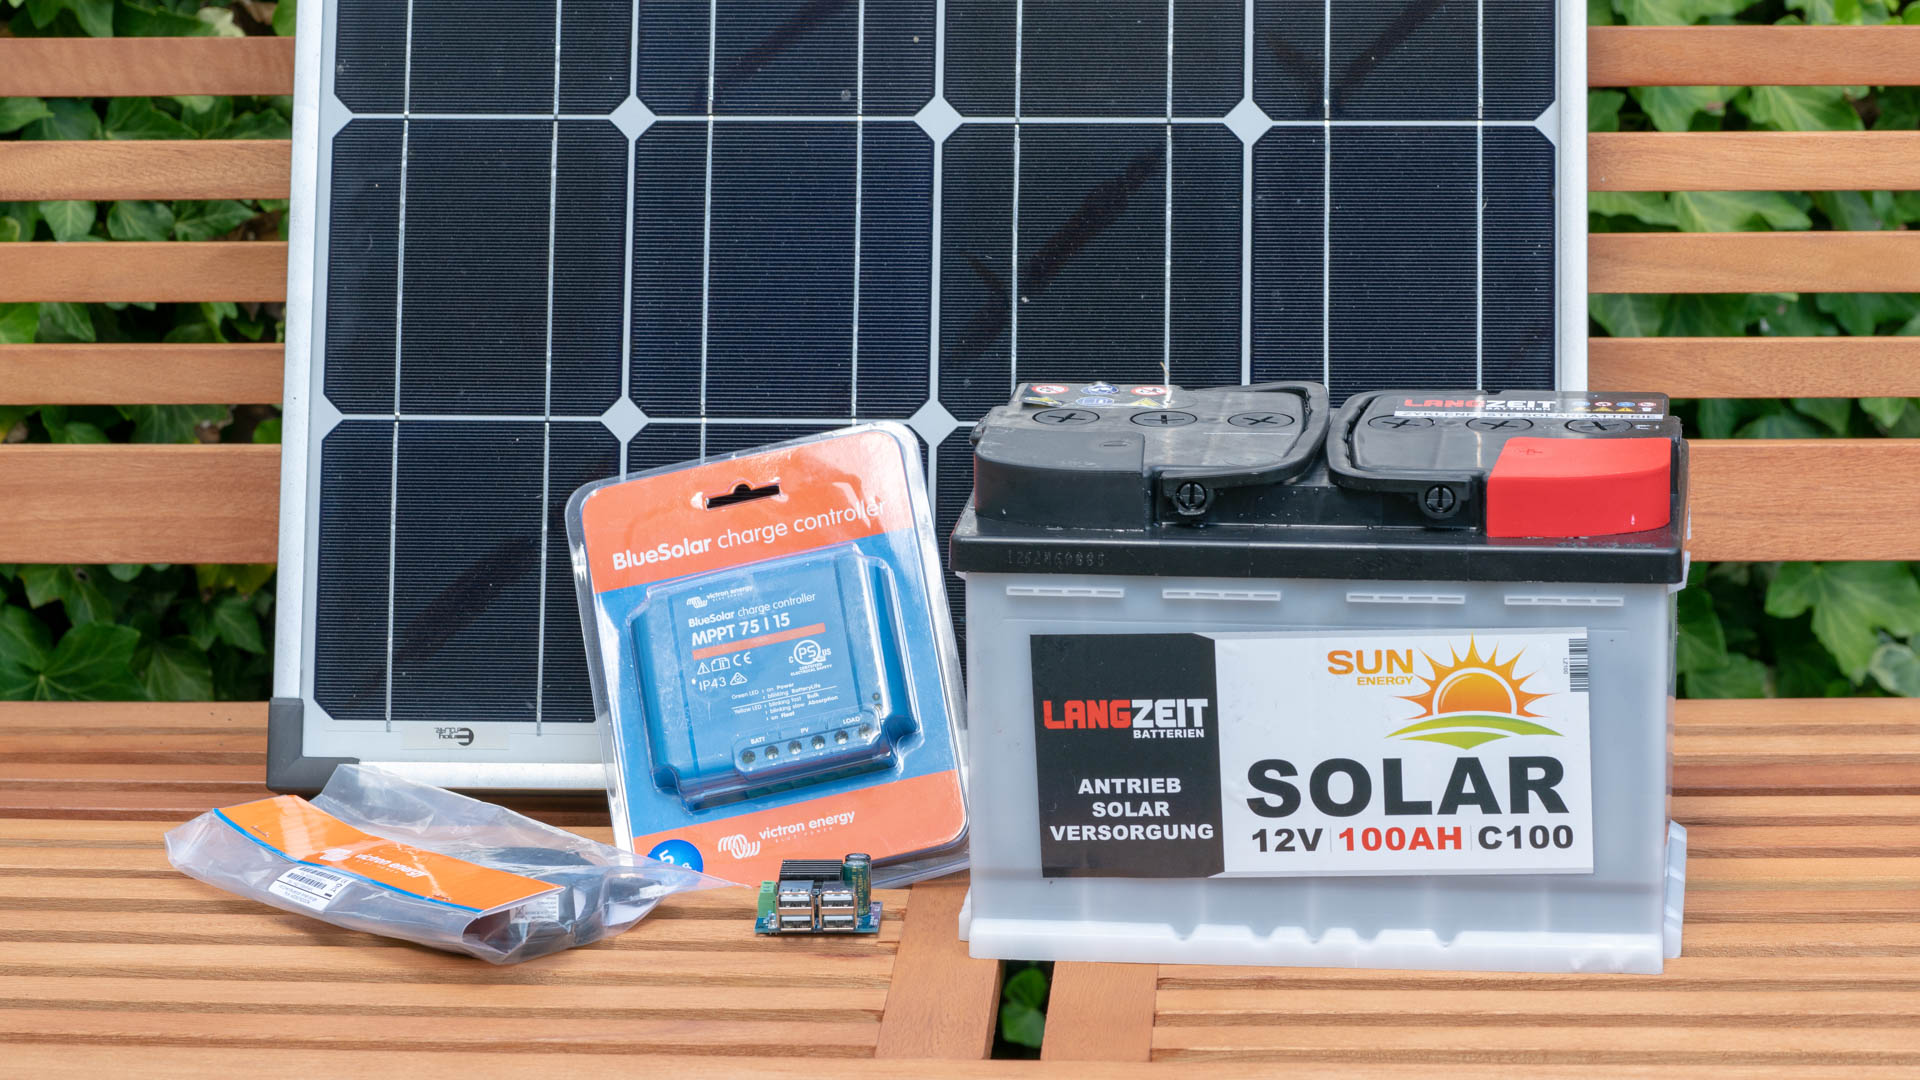 Auto Kühlschrank Solar : Eine kleine solar anlage selbst bauen anleitung und tipps techtest